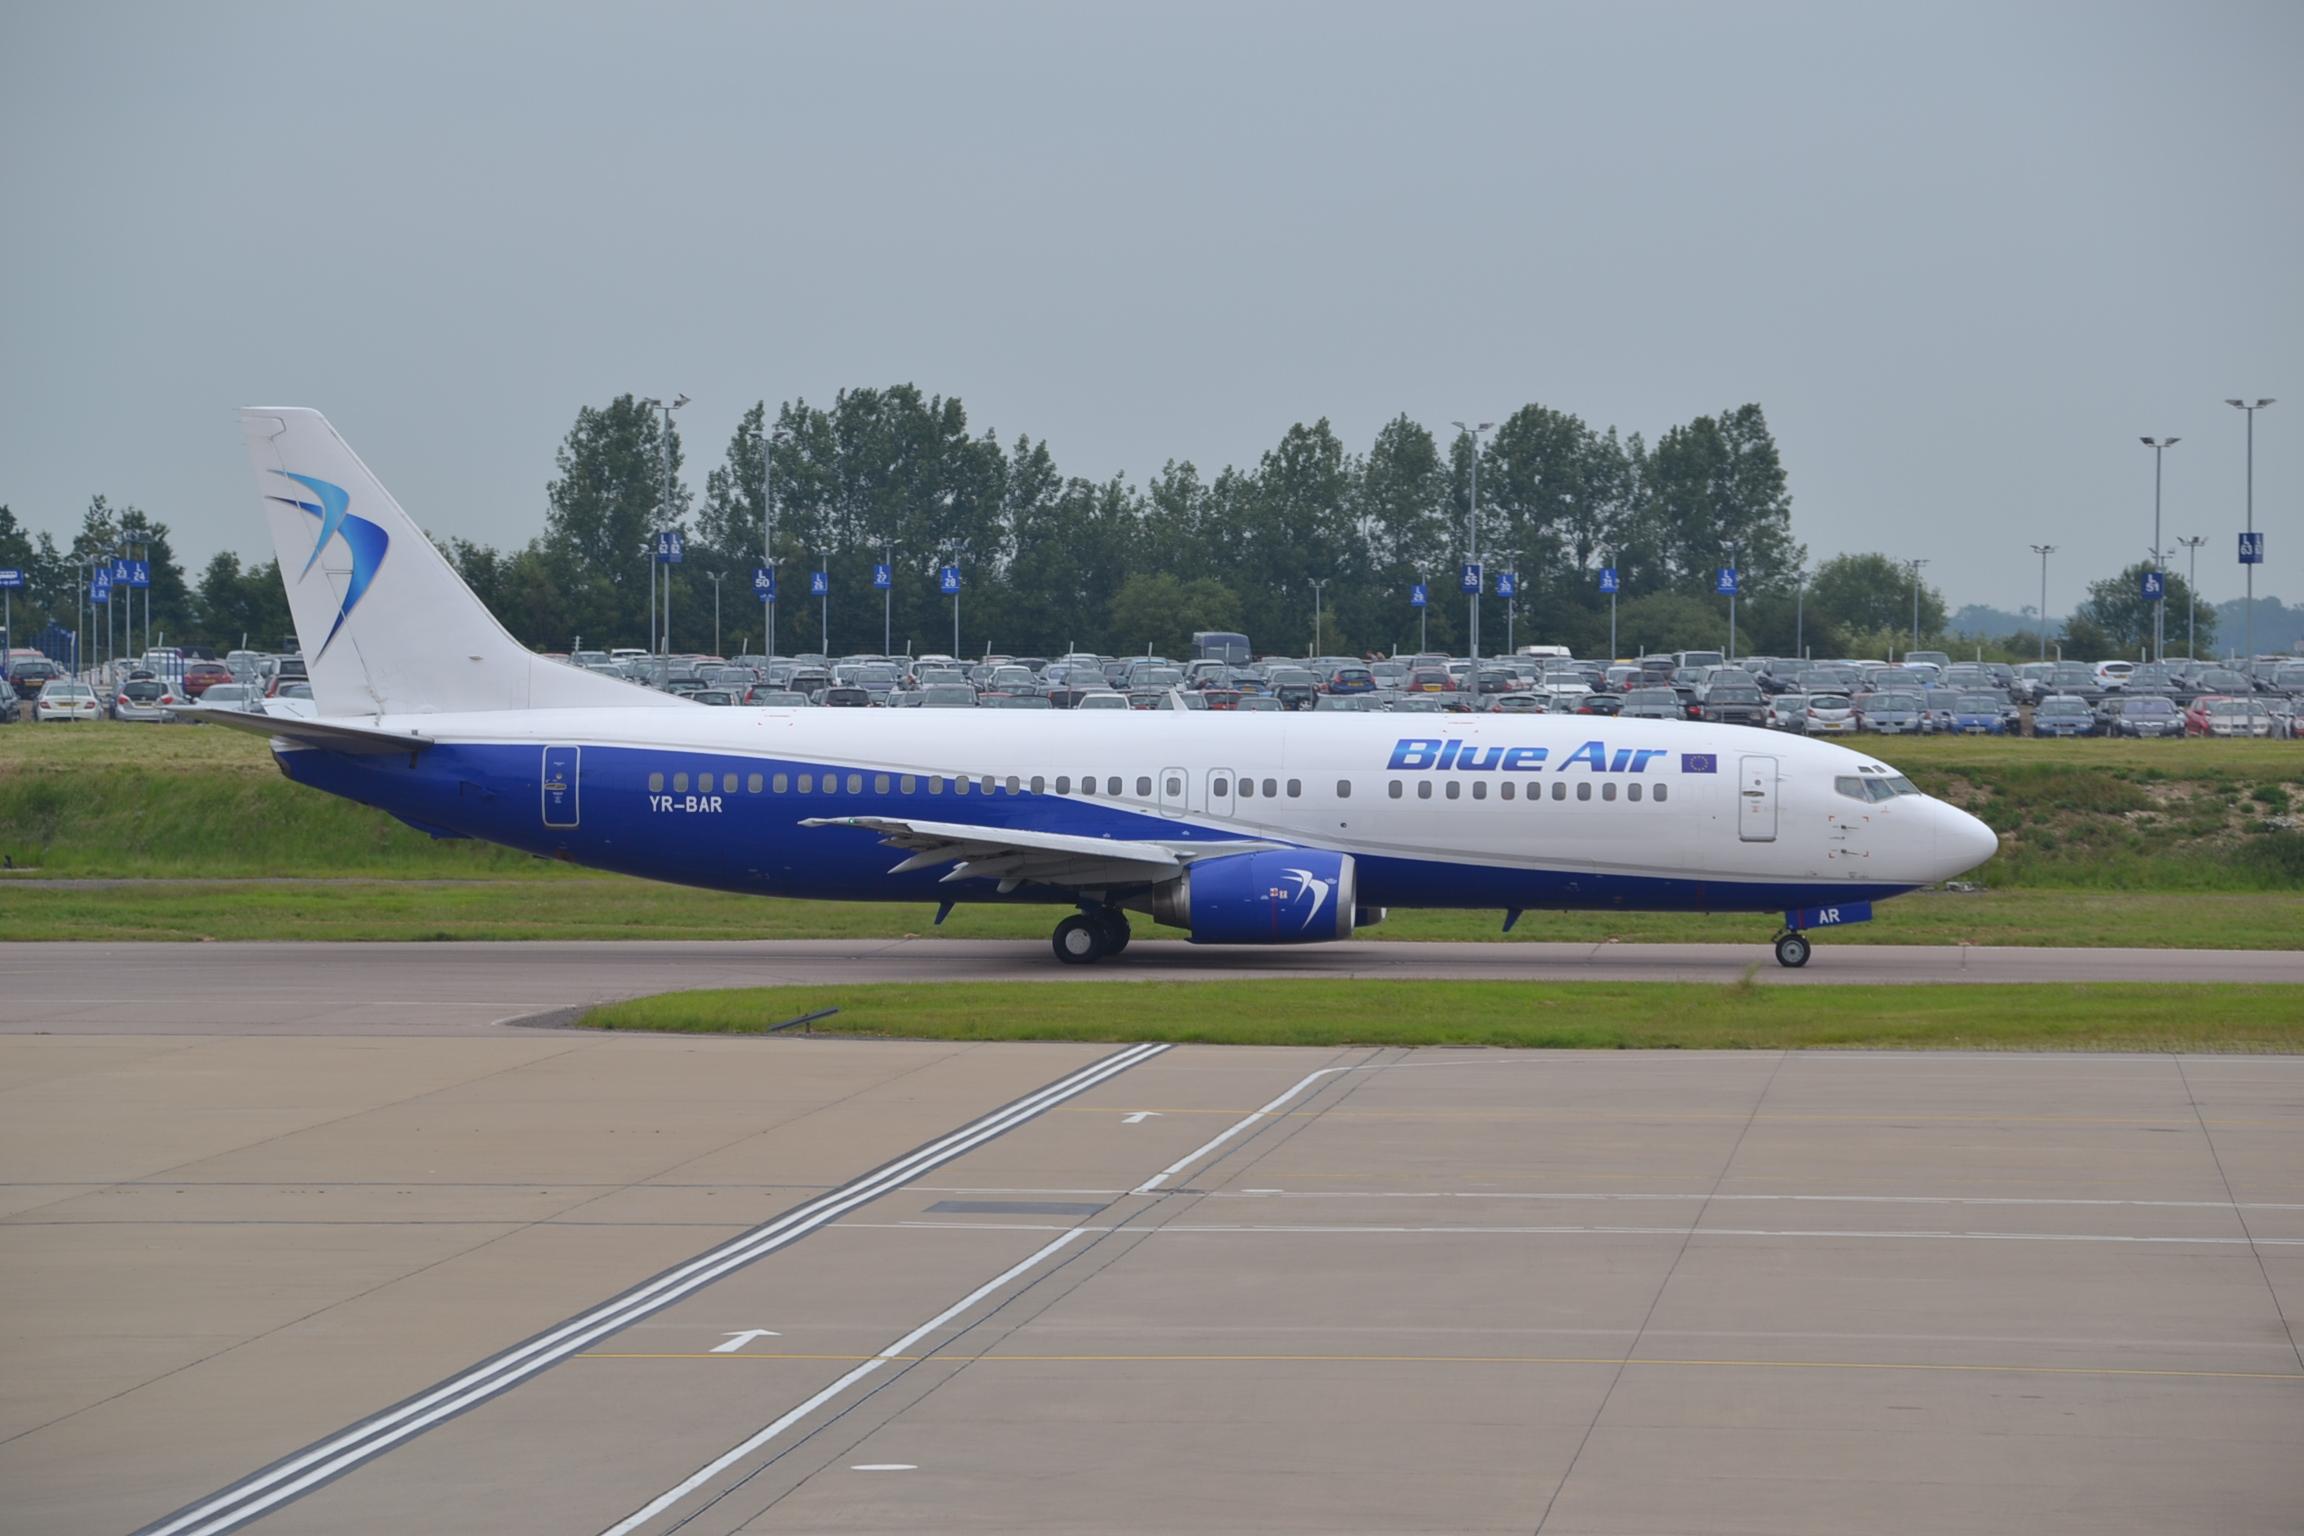 Blue Air Boeing 737 - 400